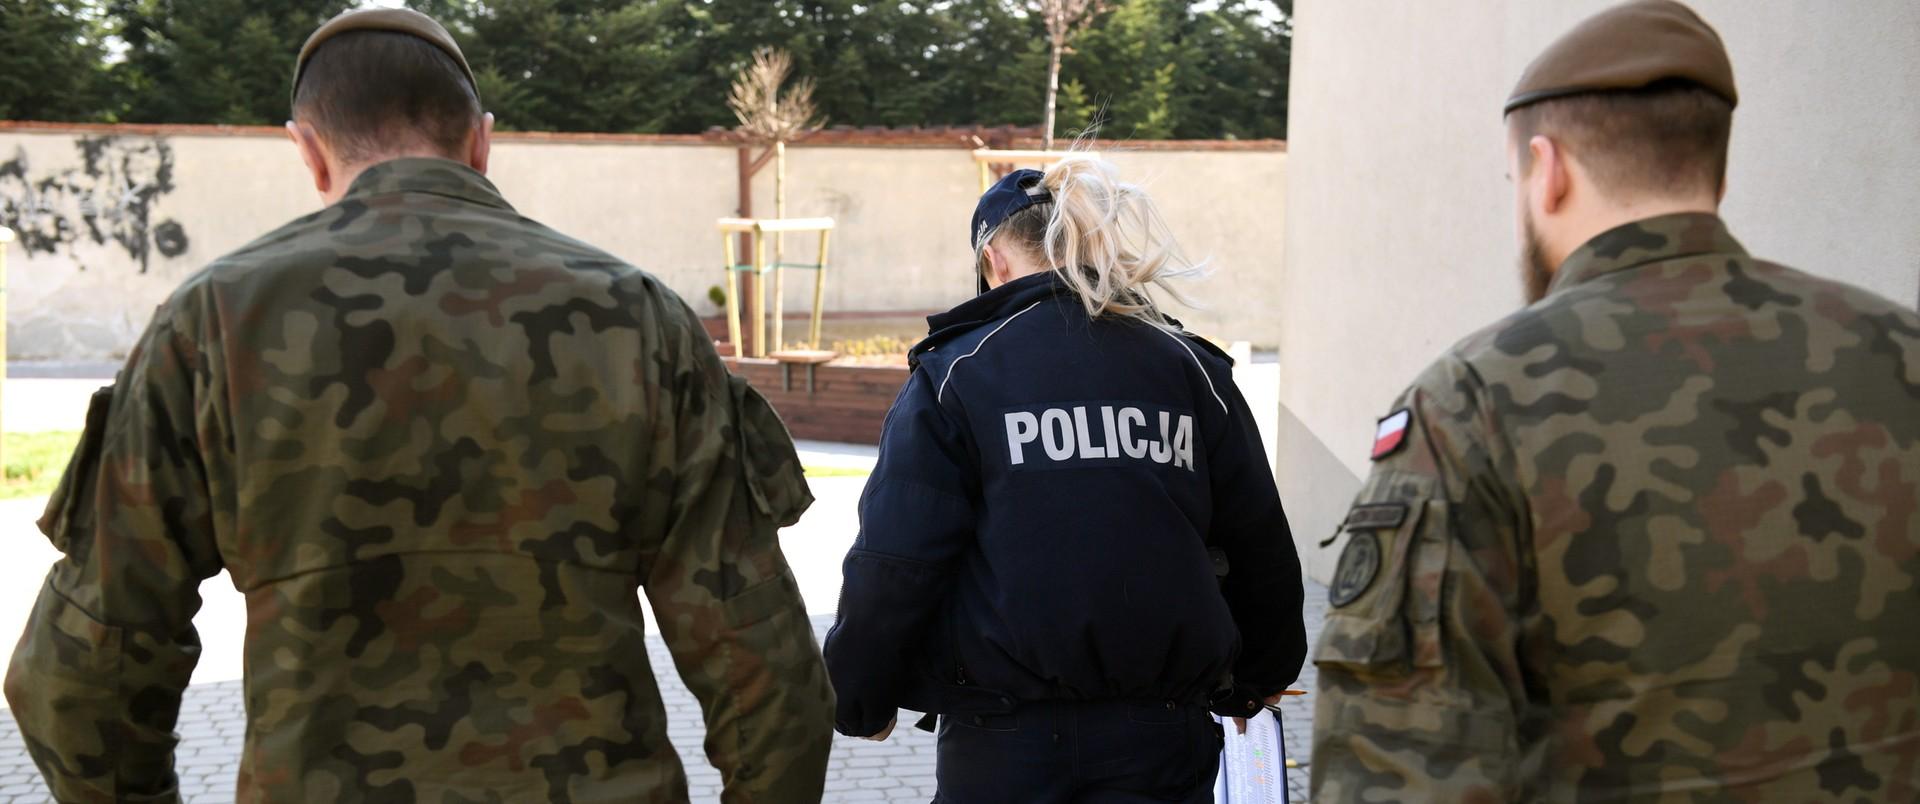 Patrol wojska i policji w czasie kwarantanny